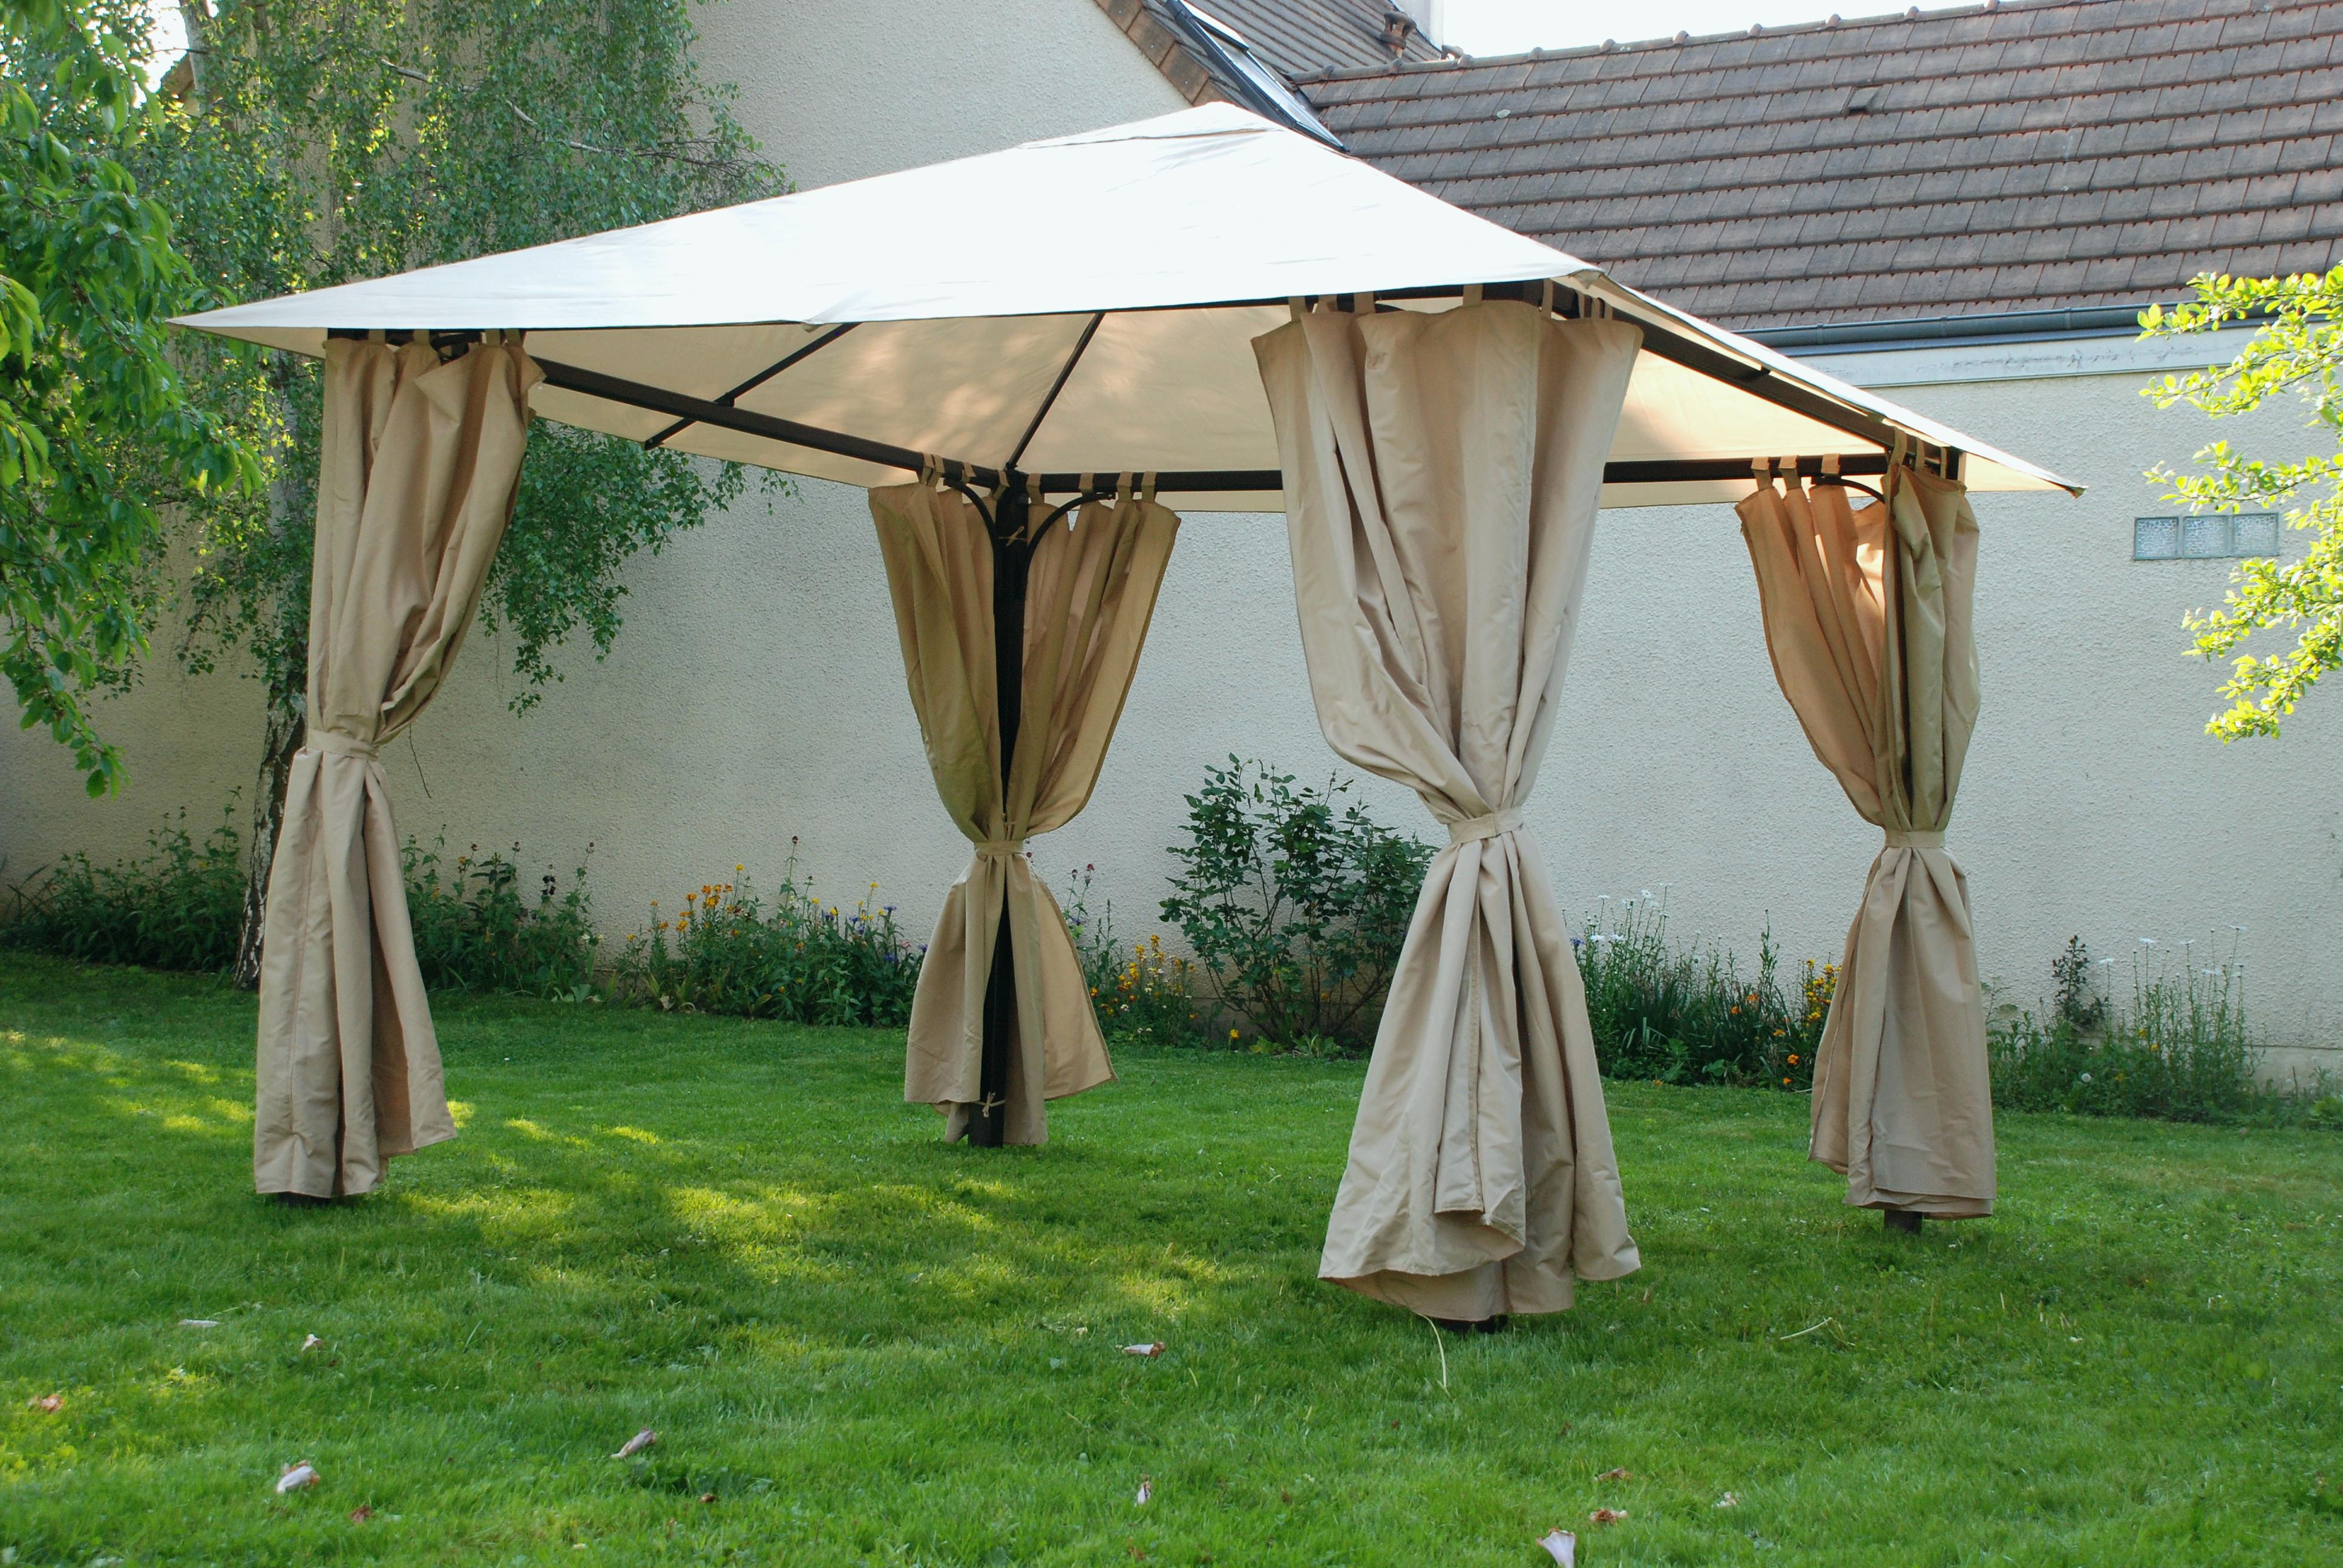 Tonnelle Pliable Gifi Luxe Images Tente De Jardin Pliante Impressionnant tonnelle De Jardin Pas Cher